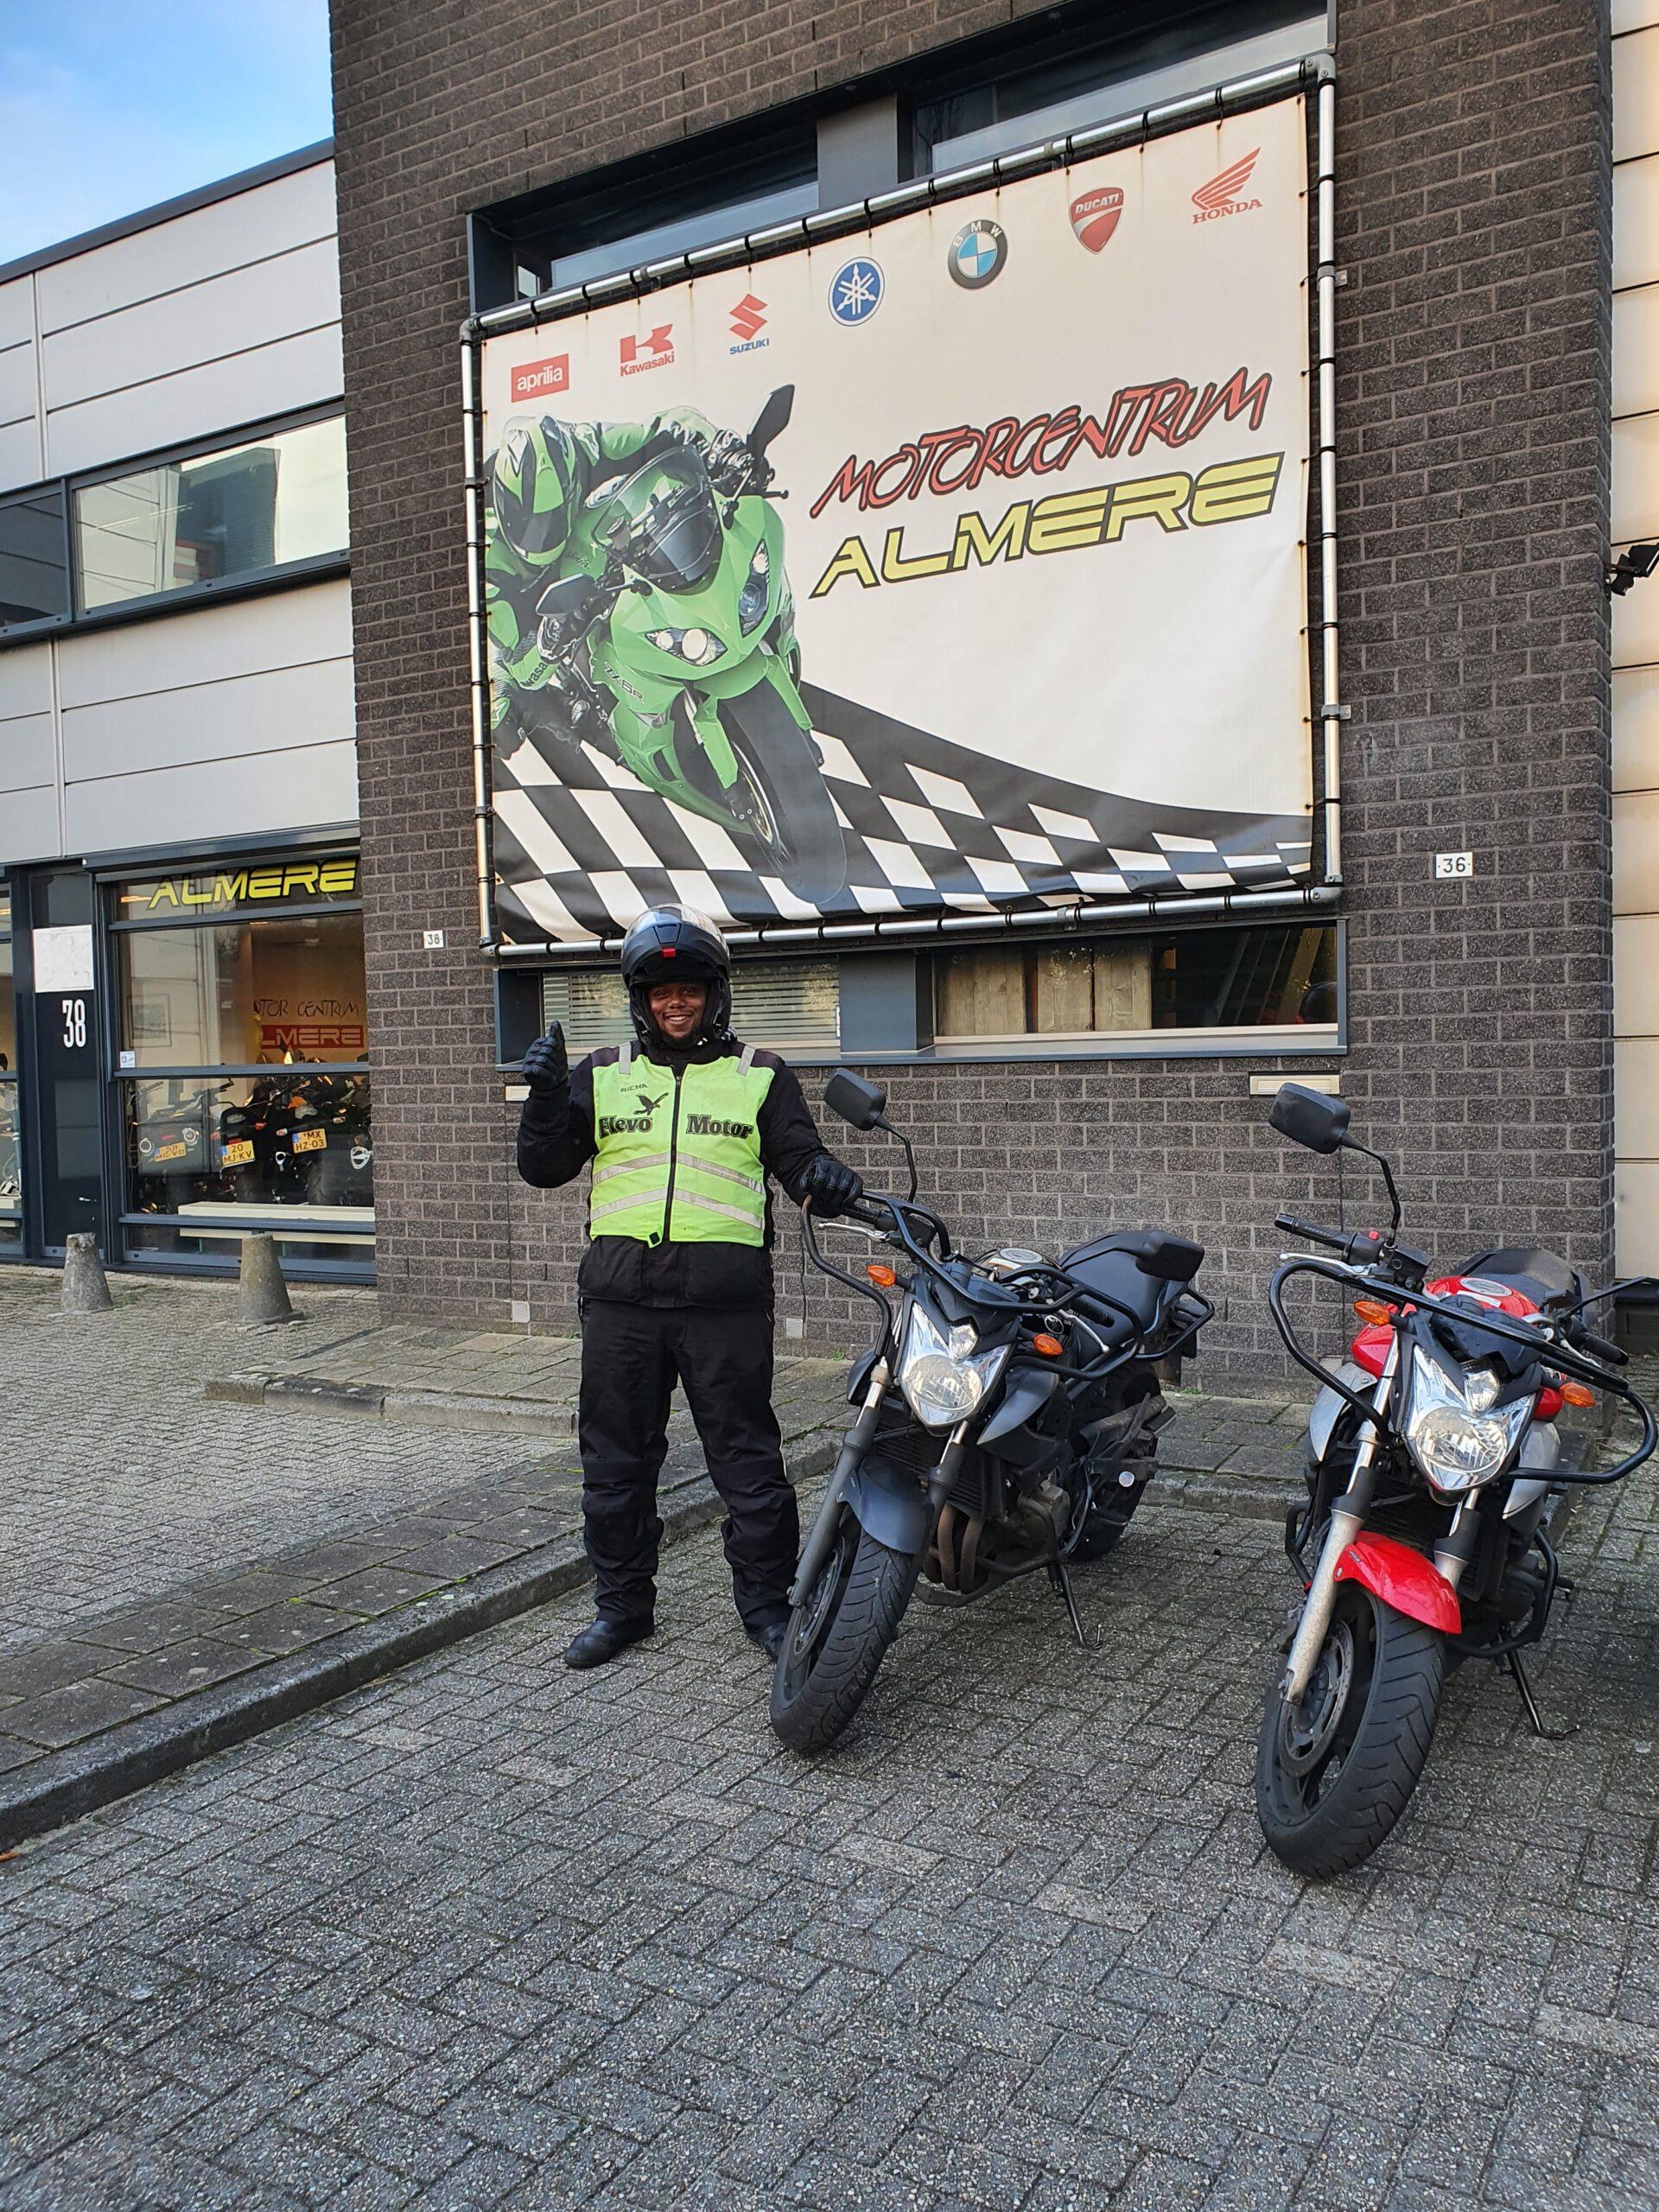 Pierre ook bij FlevoMotor in een keer geslaagd voor zijn motorrijbewijs.